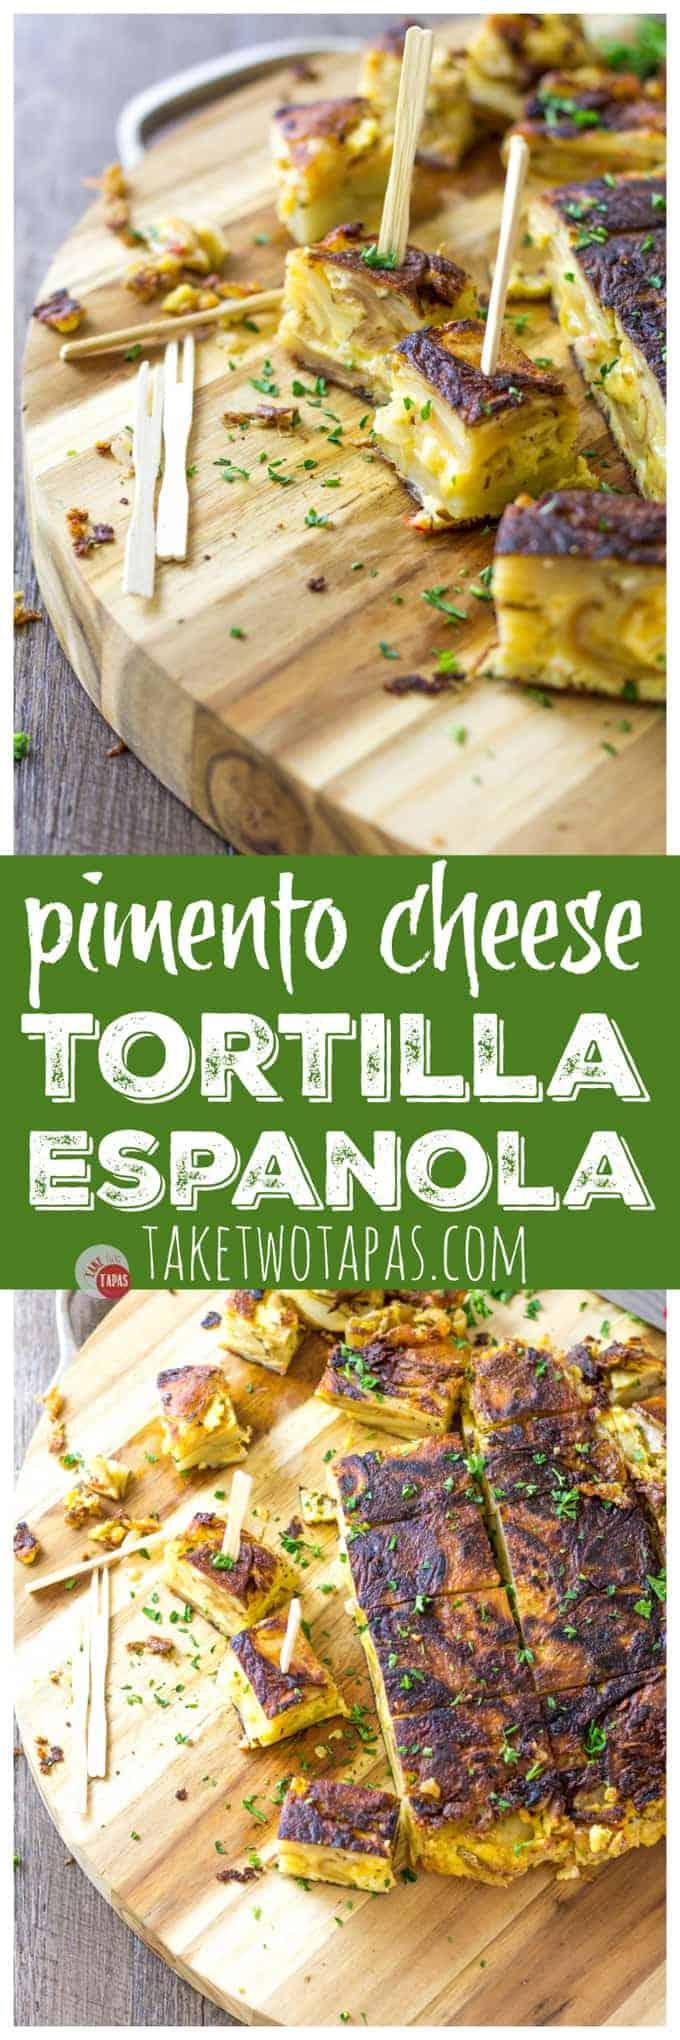 Southern Tapas with Pimento Cheese Tortilla Espanola | Take Two Tapas